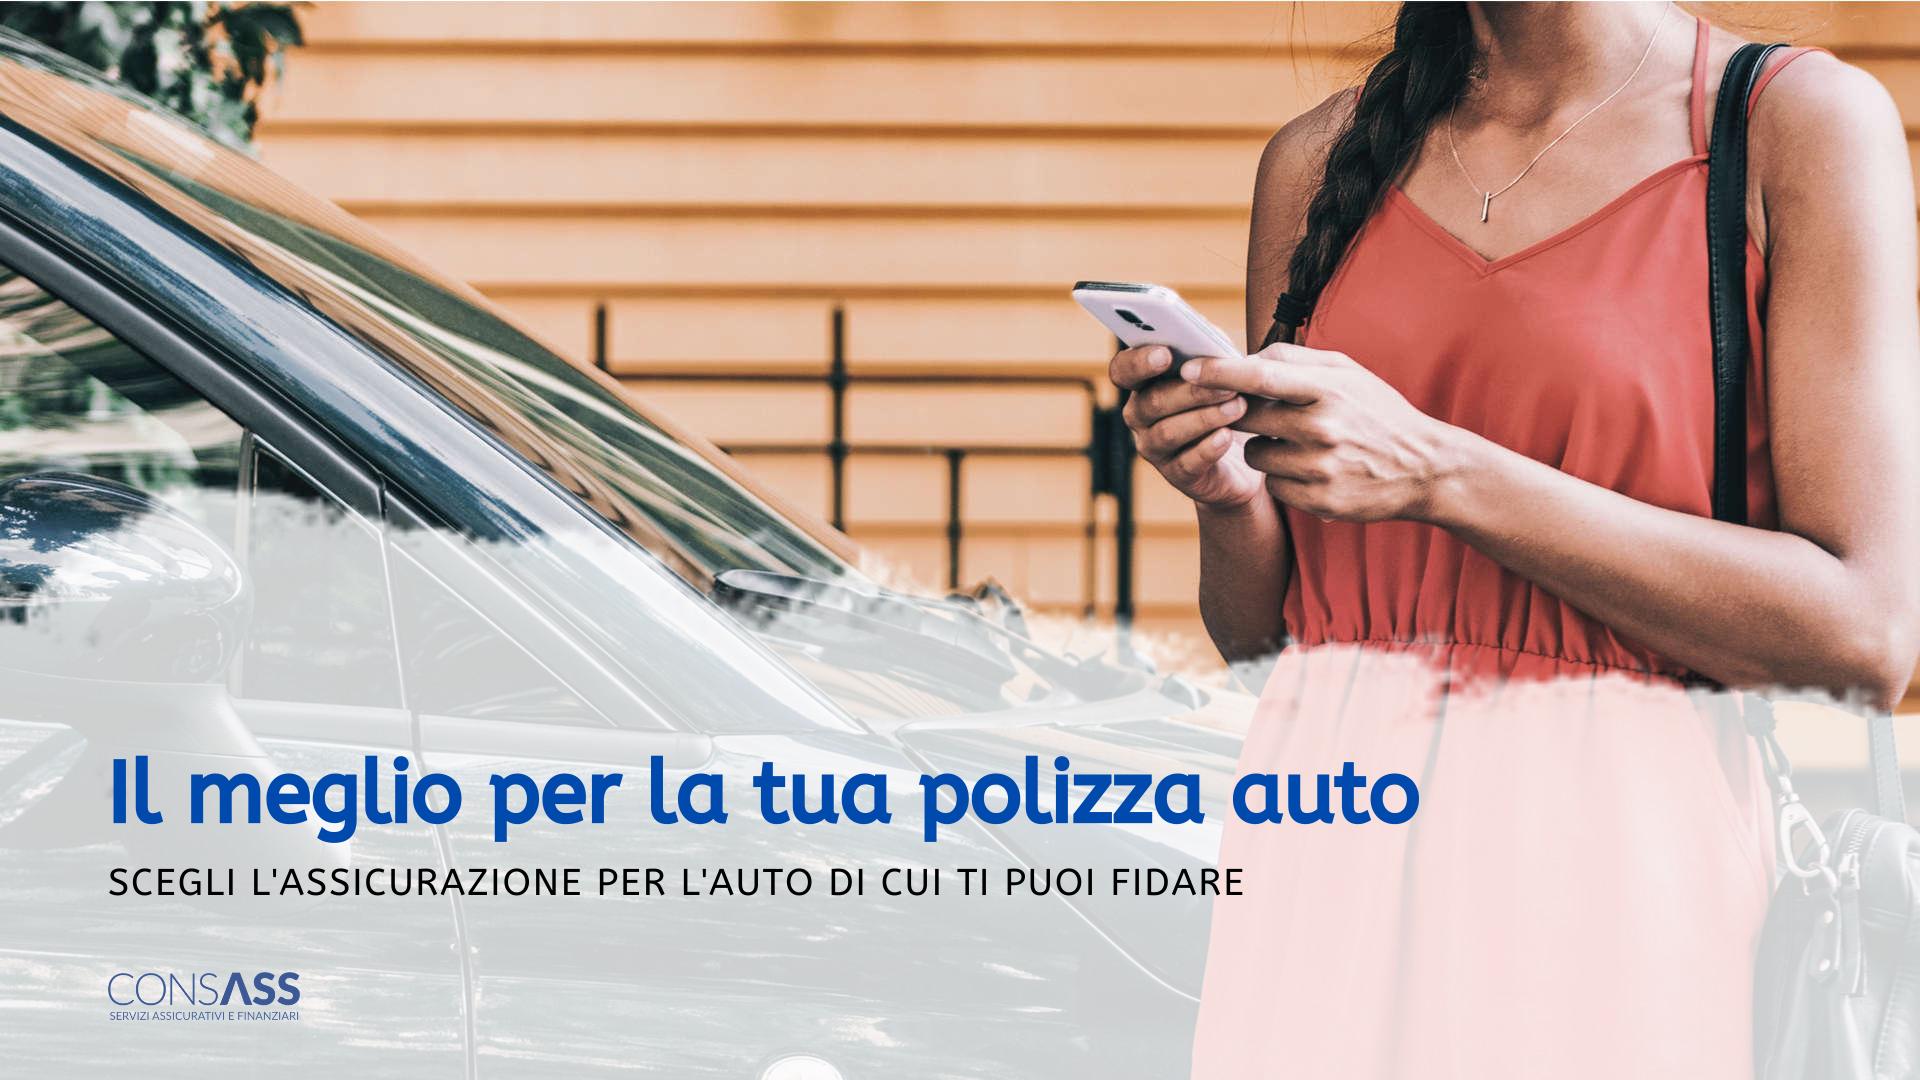 Migliore polizza auto Allianz